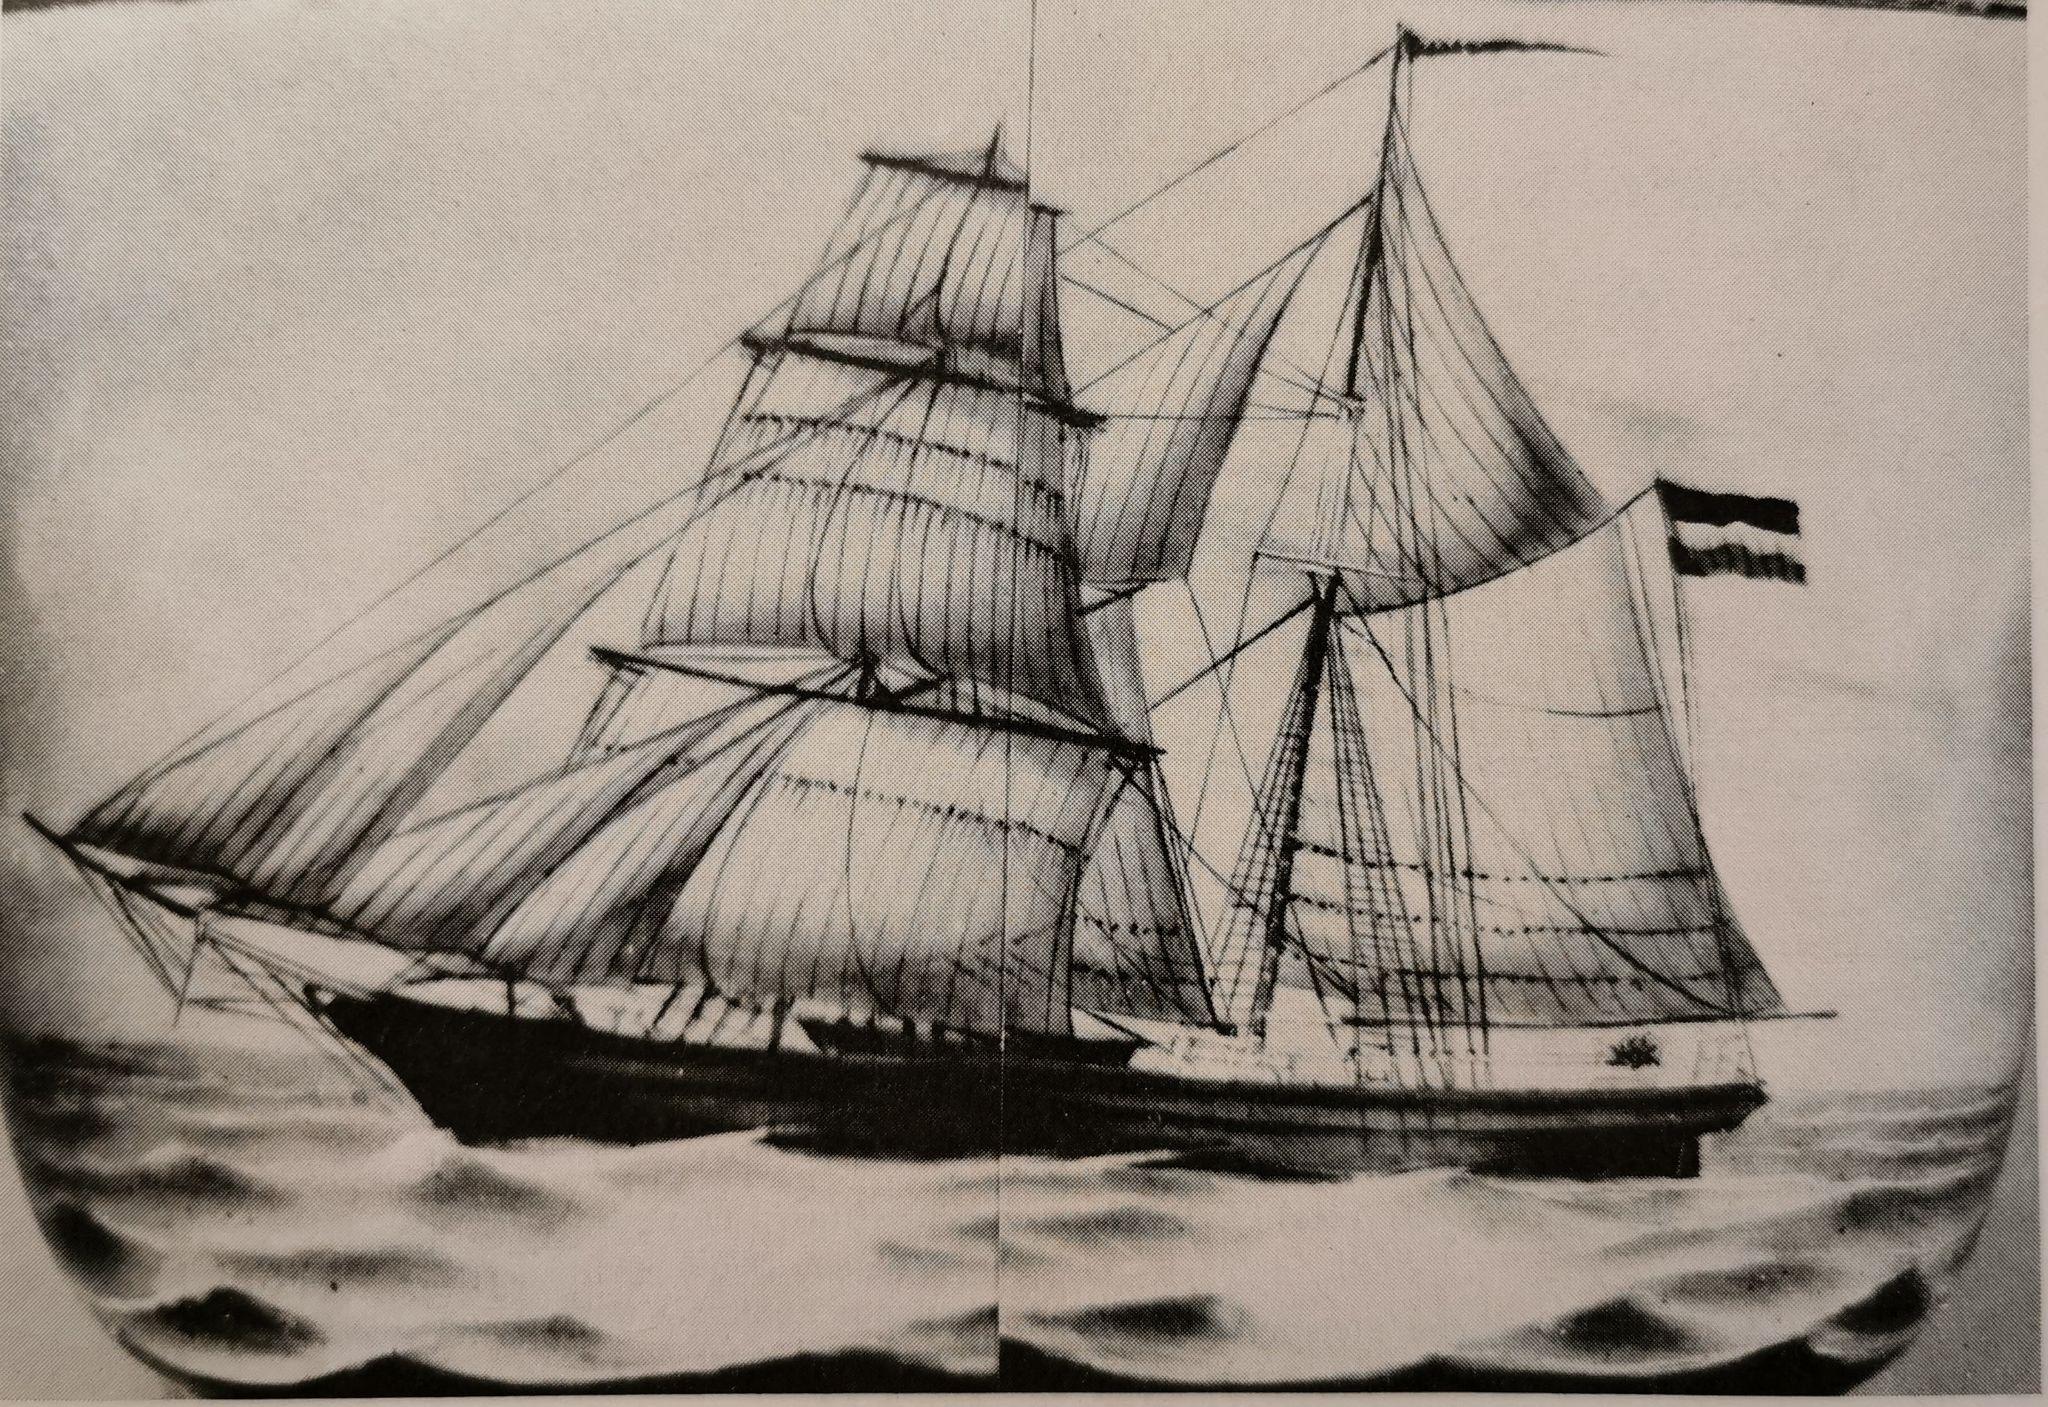 Chcesz poznać historię usteckiego żeglarstwa? Weź udział w wirtualnym spotkaniu